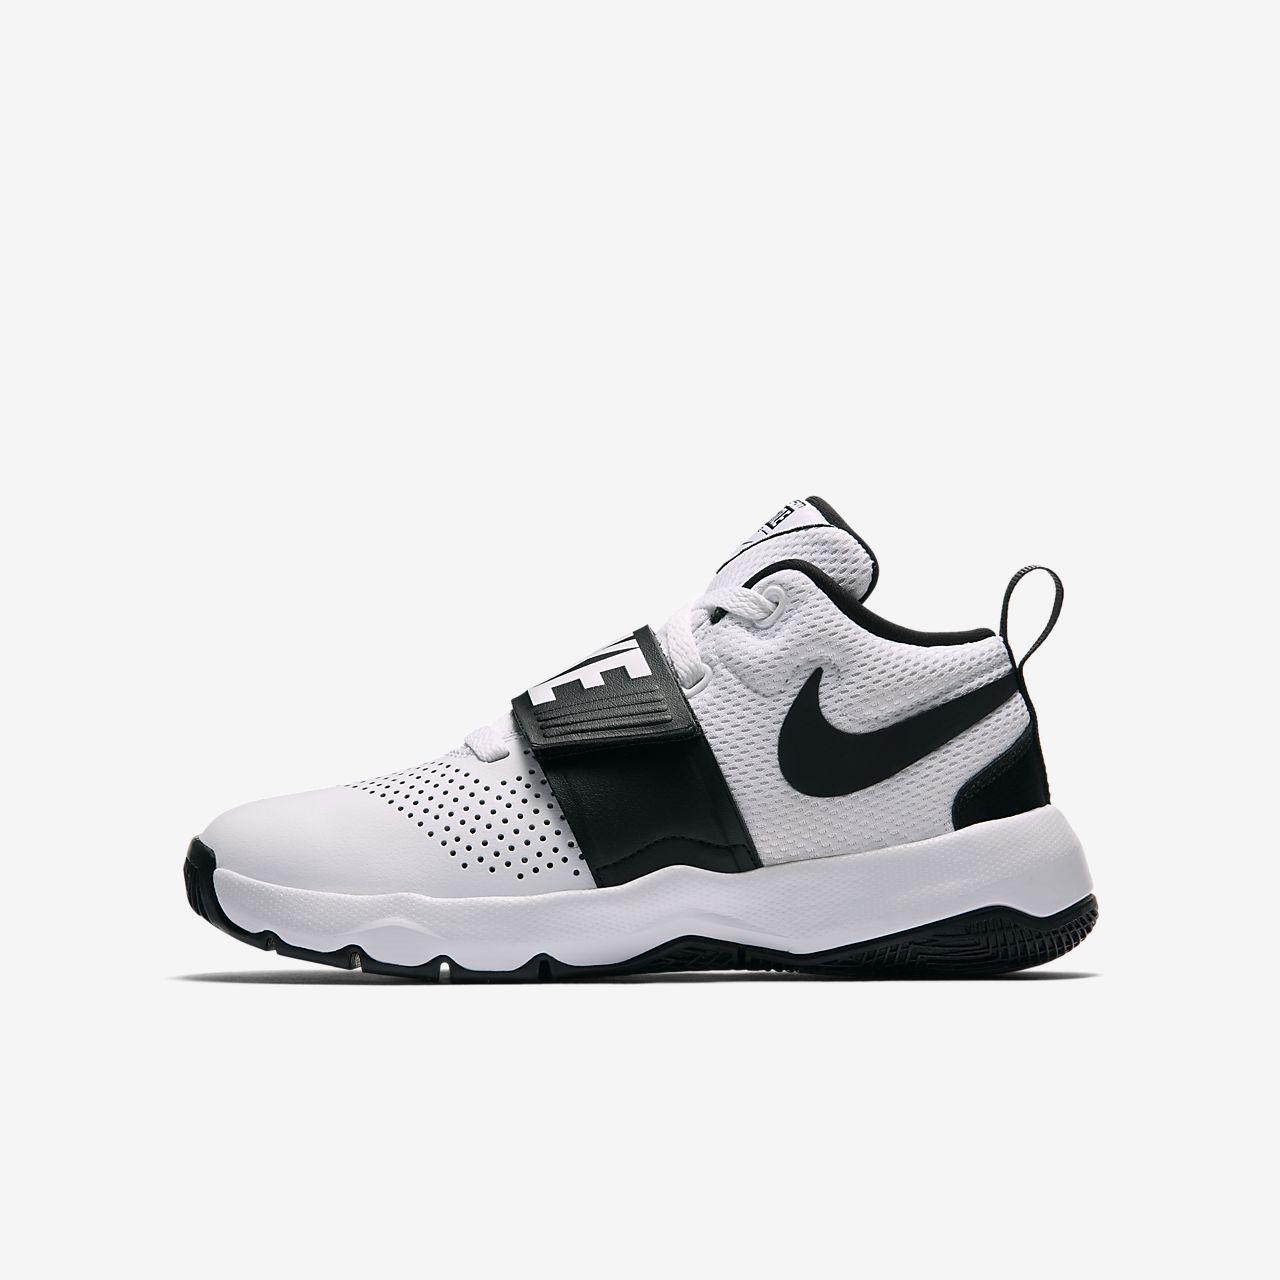 Basketbalová bota Nike Team Hustle D 8 pro větší děti